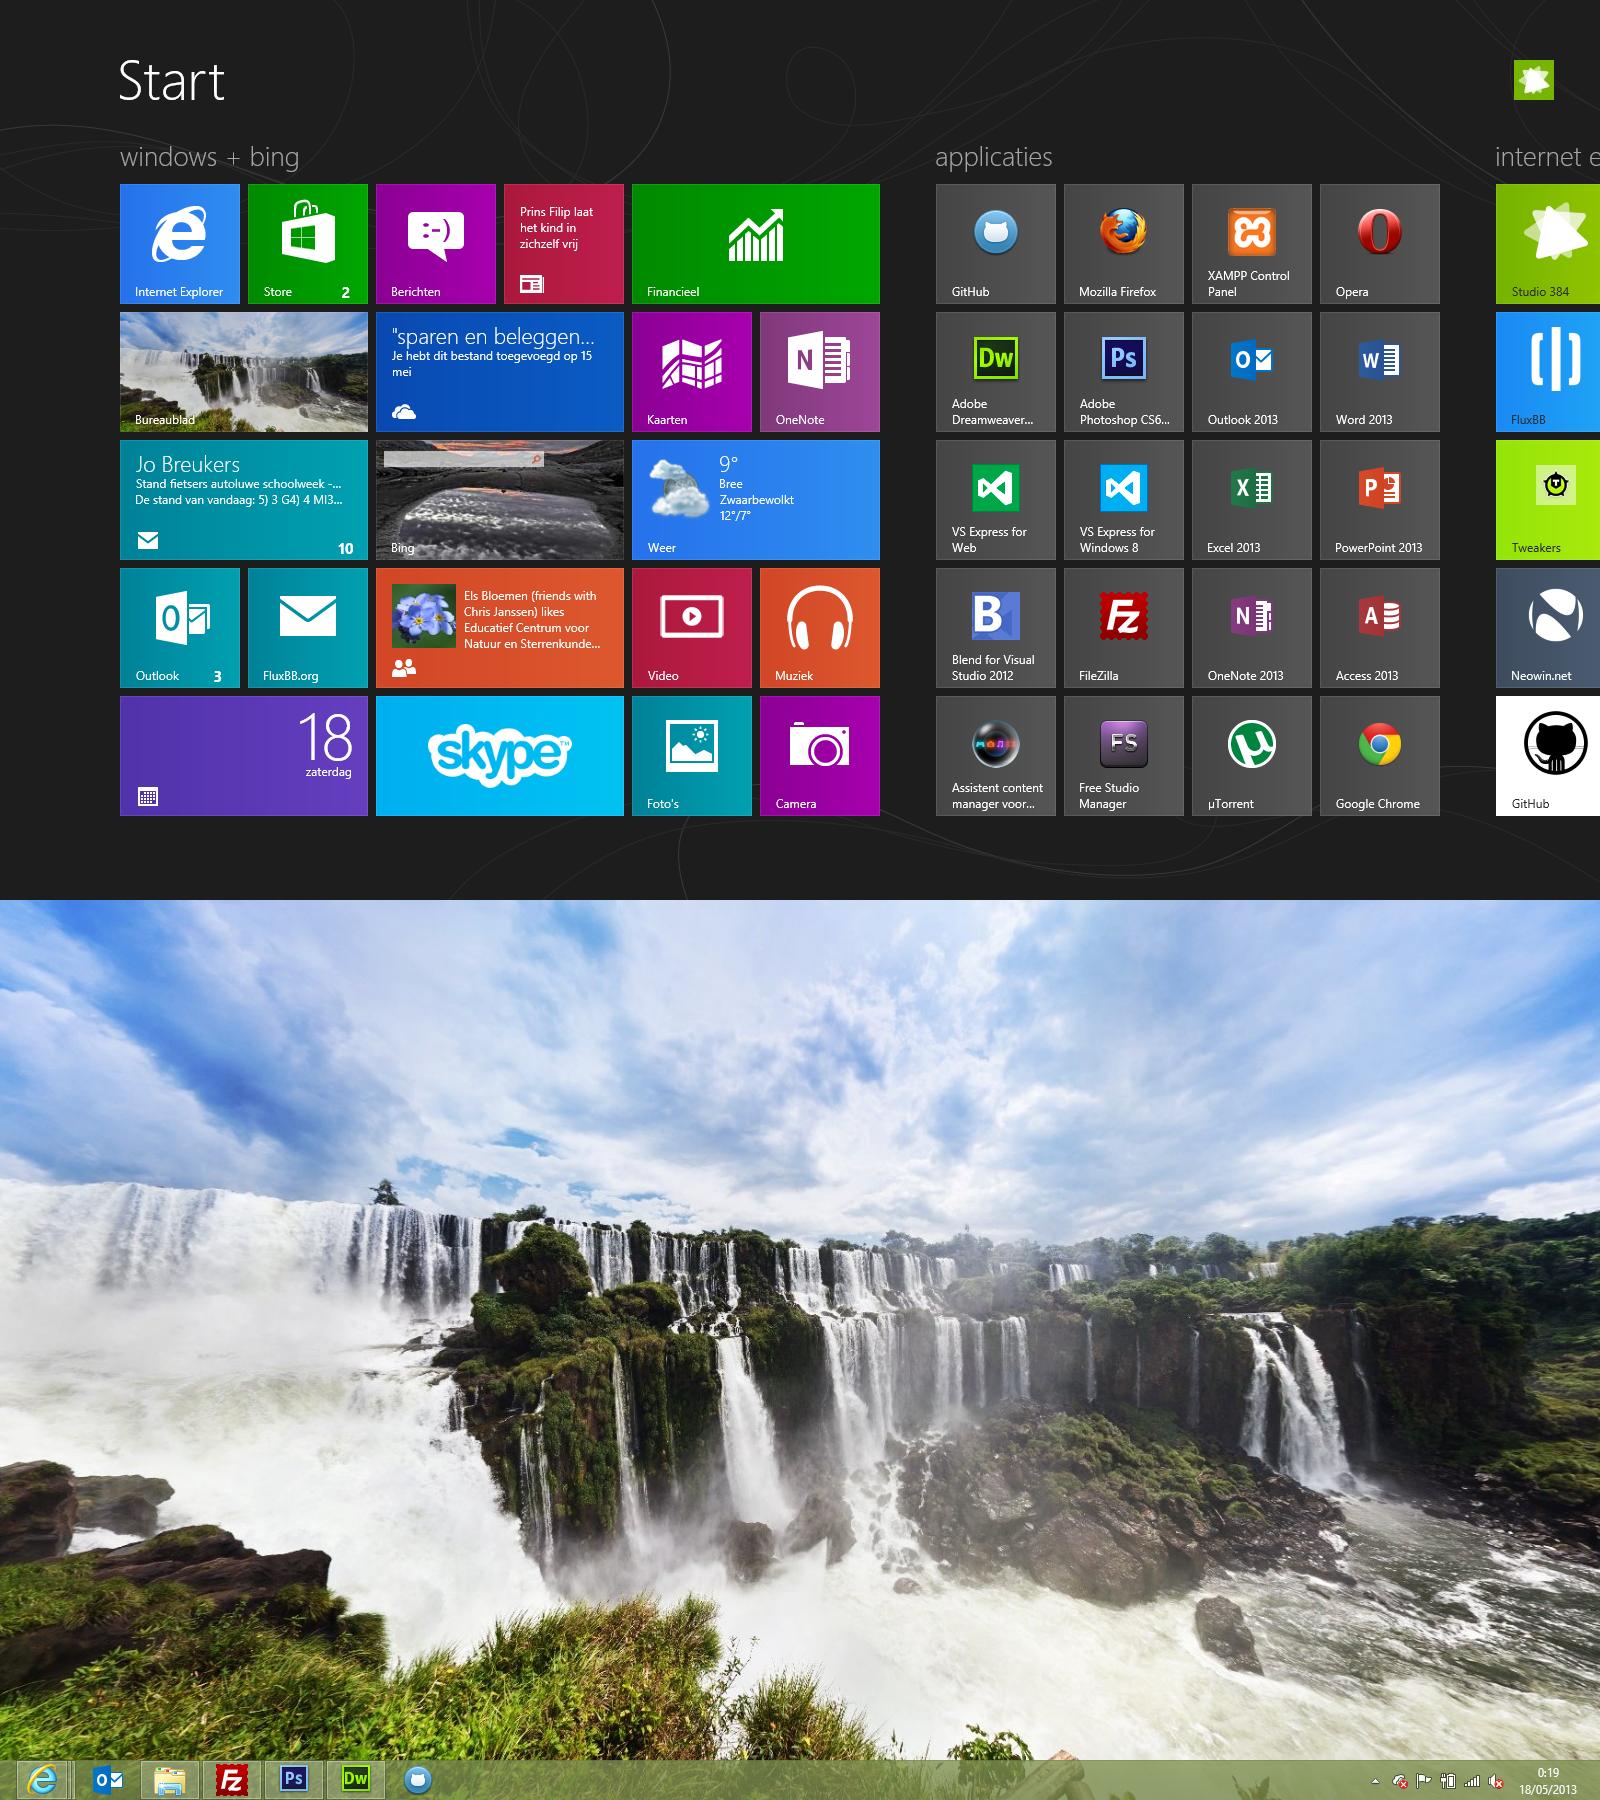 5196ad68c1093-desktop.png